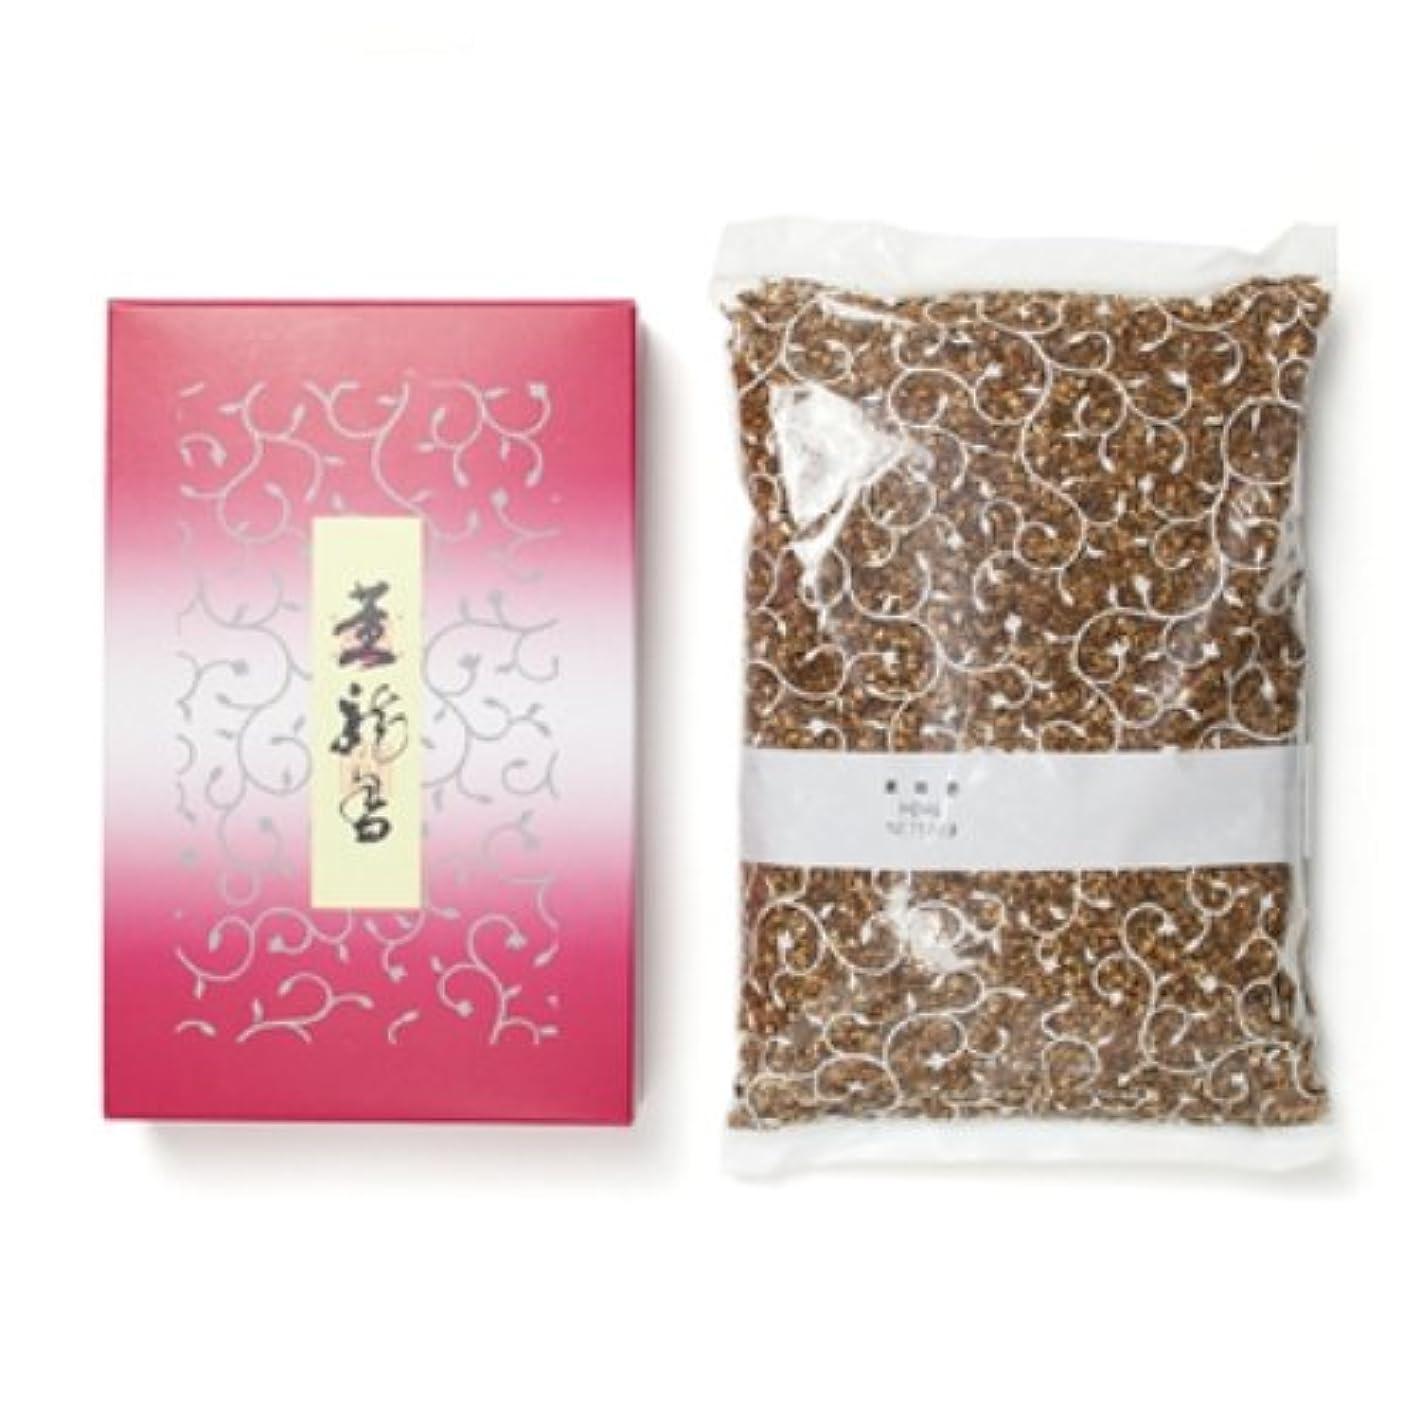 人気の熱意雇用者松栄堂のお焼香 薫竜香 500g詰 紙箱入 #410211